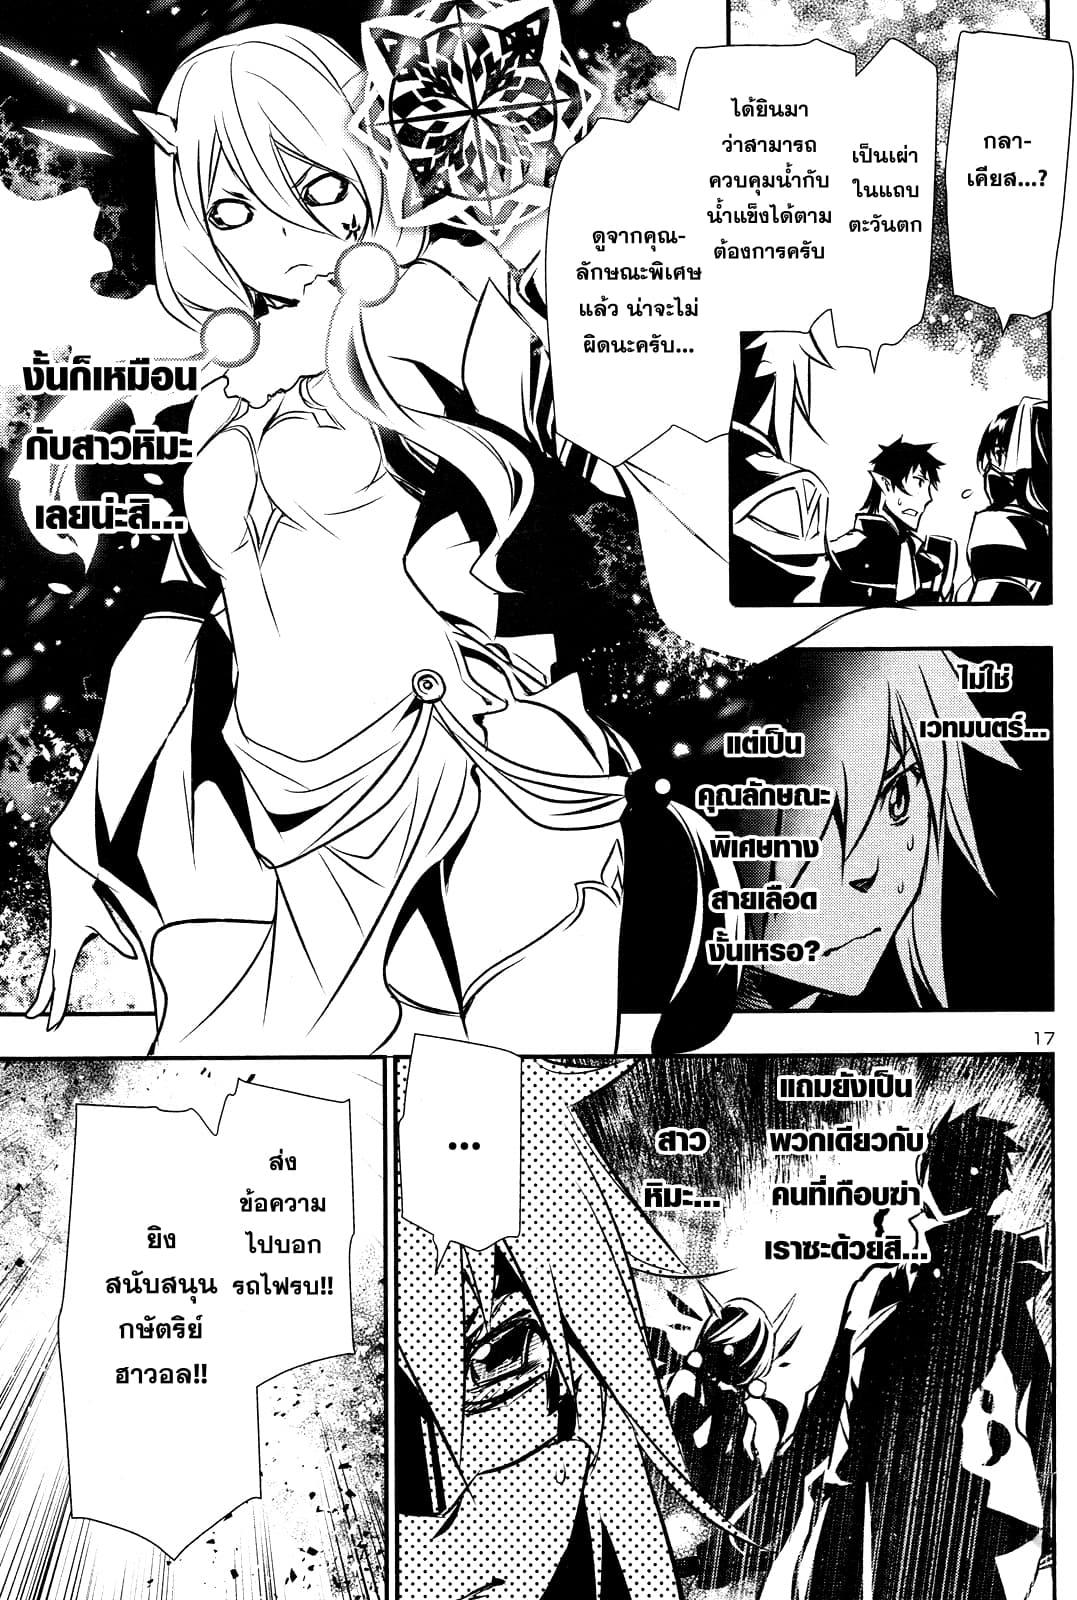 อ่านการ์ตูน Shinju no Nectar ตอนที่ 12 หน้าที่ 17